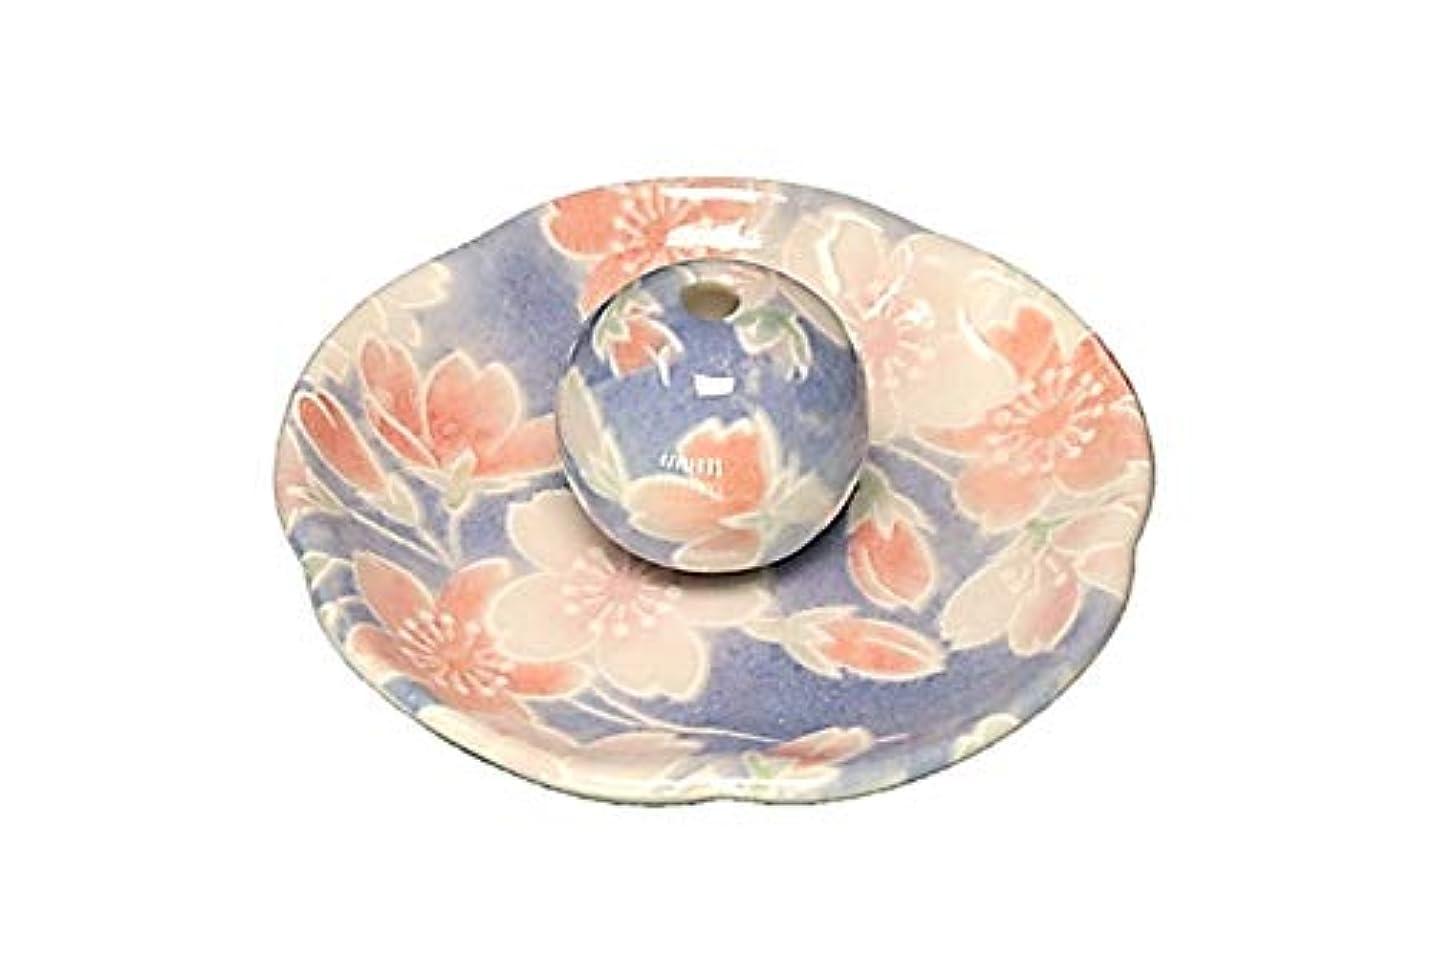 最大限中風邪をひく染桜 花形香皿 お香立て お香たて 日本製 ACSWEBSHOPオリジナル